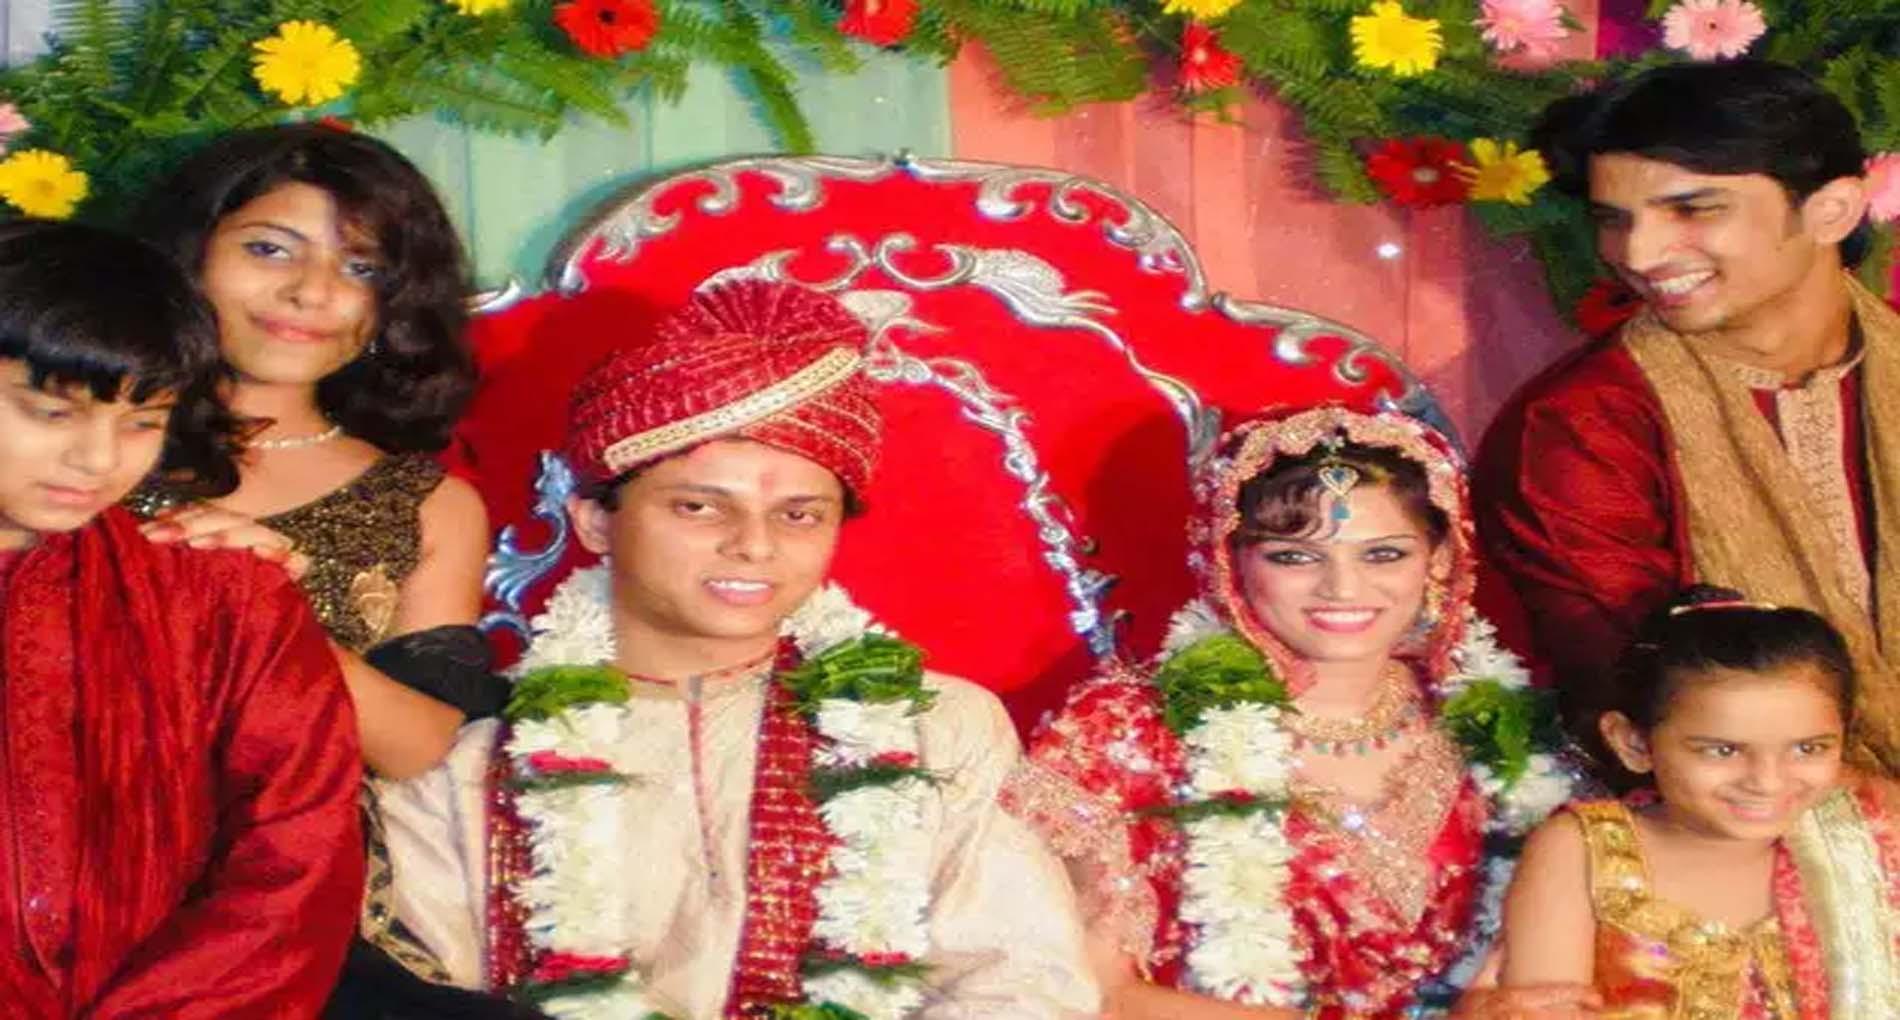 सुशांत की बहन श्वेता सिंह ने शेयर किया भावुक करने वाला Video, लिखा- भाई मुझे गले लगाकर रोए थे